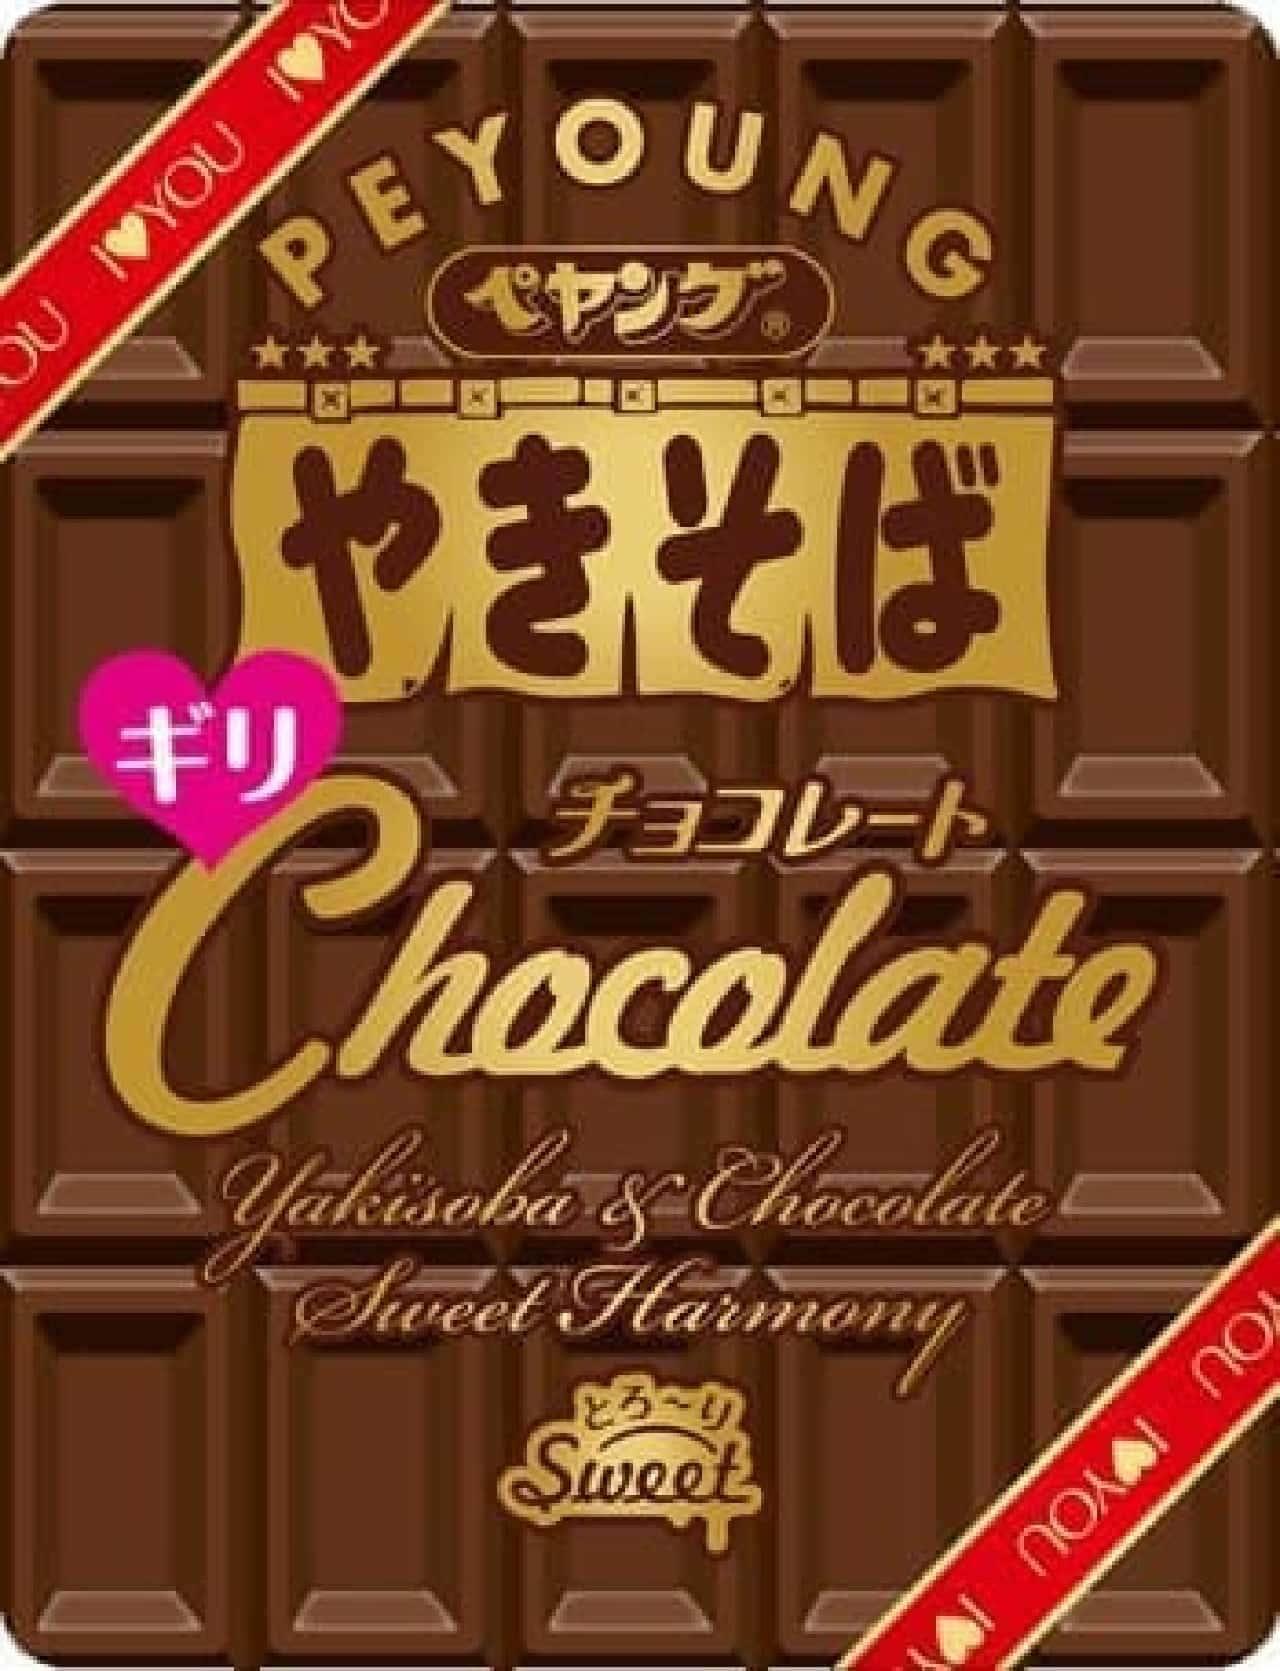 まるか食品「ペヤング チョコレートやきそば ギリ」